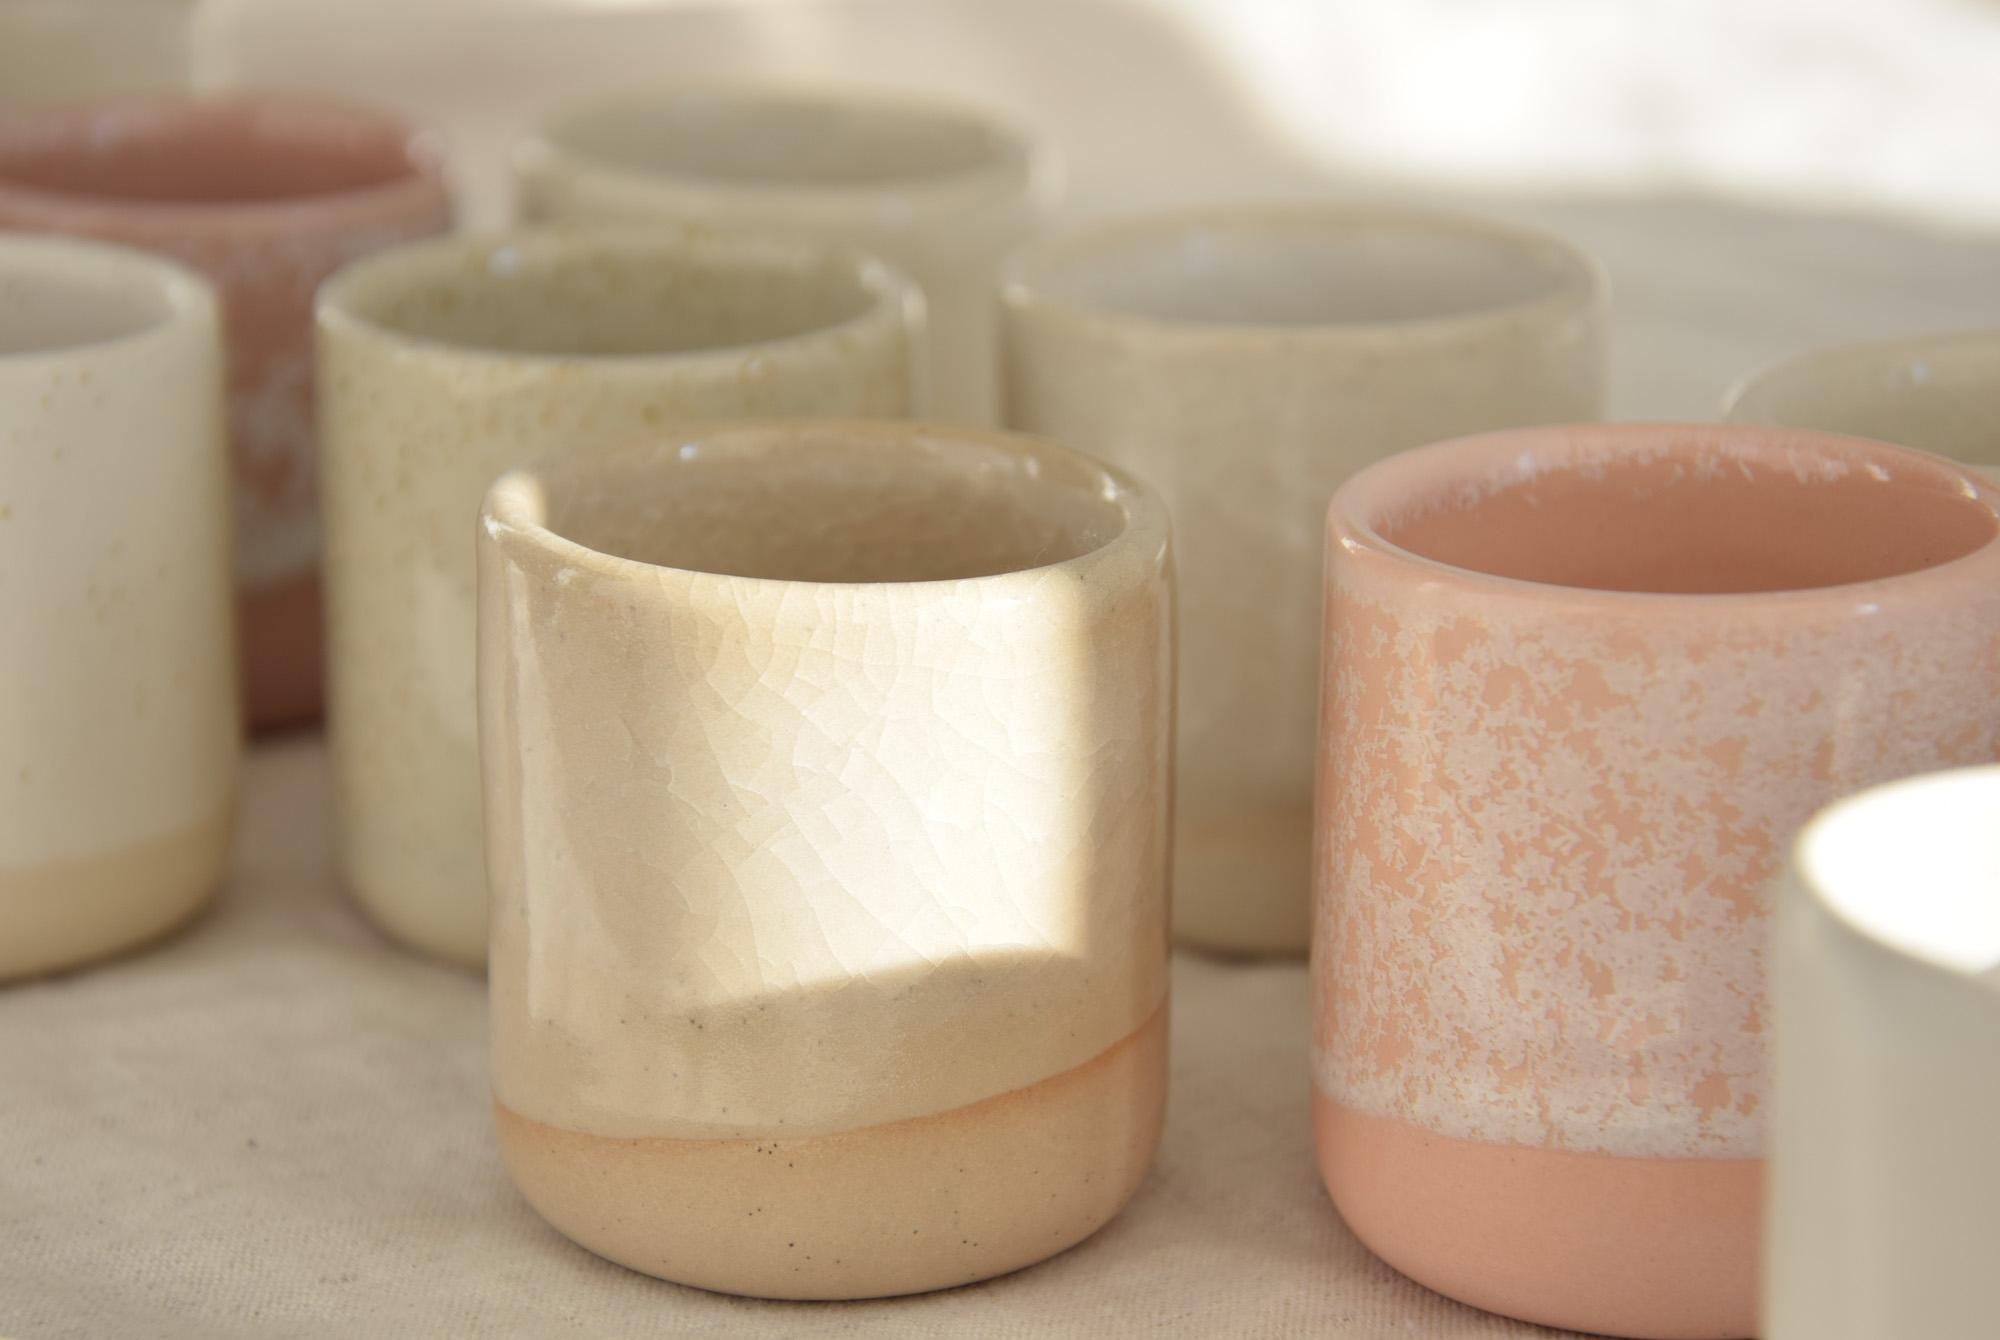 espressocups02-studiokryszewski.jpg